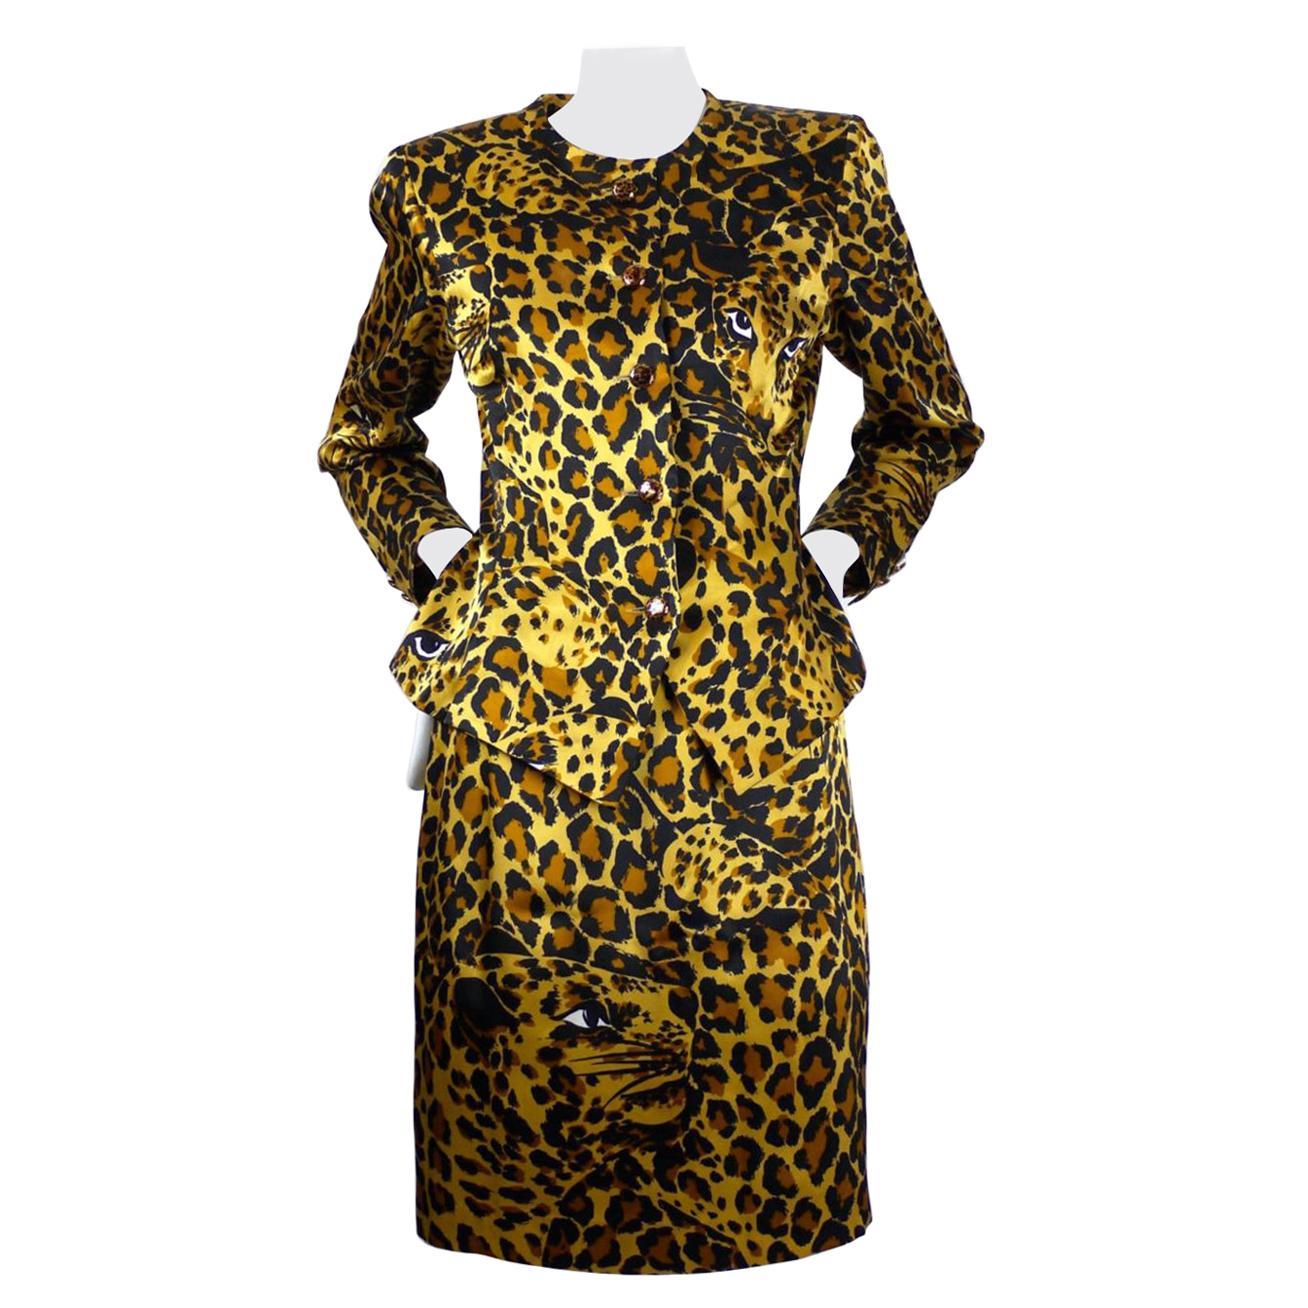 Vintage Iconic YVES SAINT LAURENT Rive Gauche Silk Leopard Print Suit